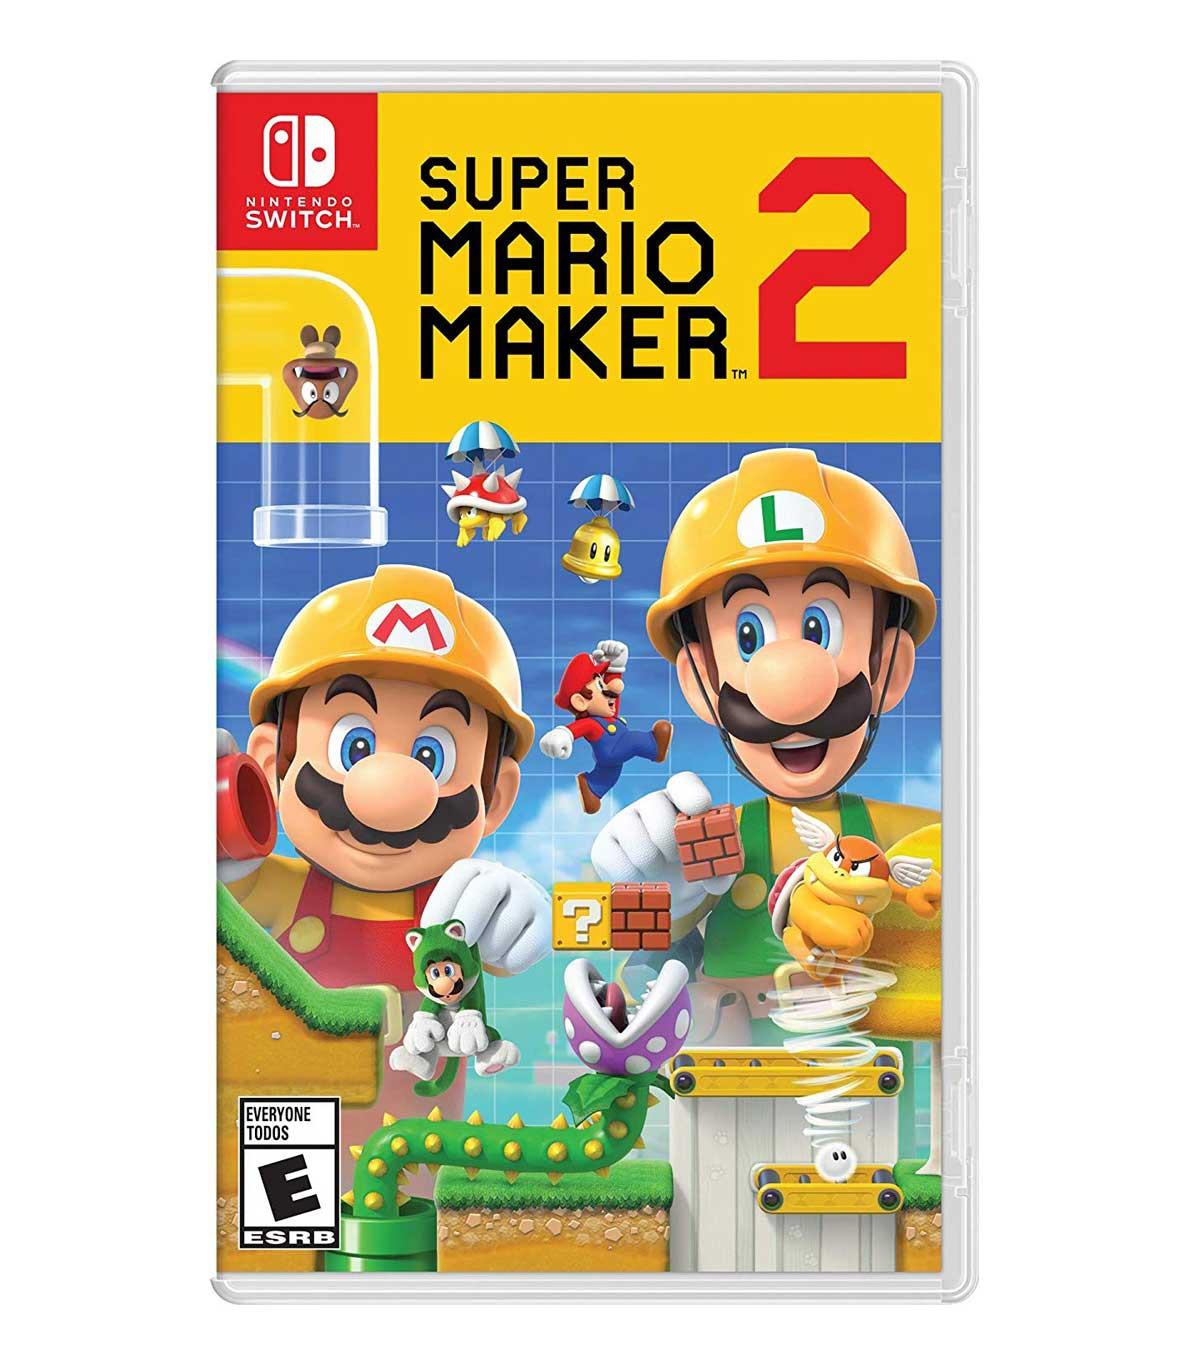 بازی Super Mario Maker 2 کارکرده - نینتندو سوئیچ